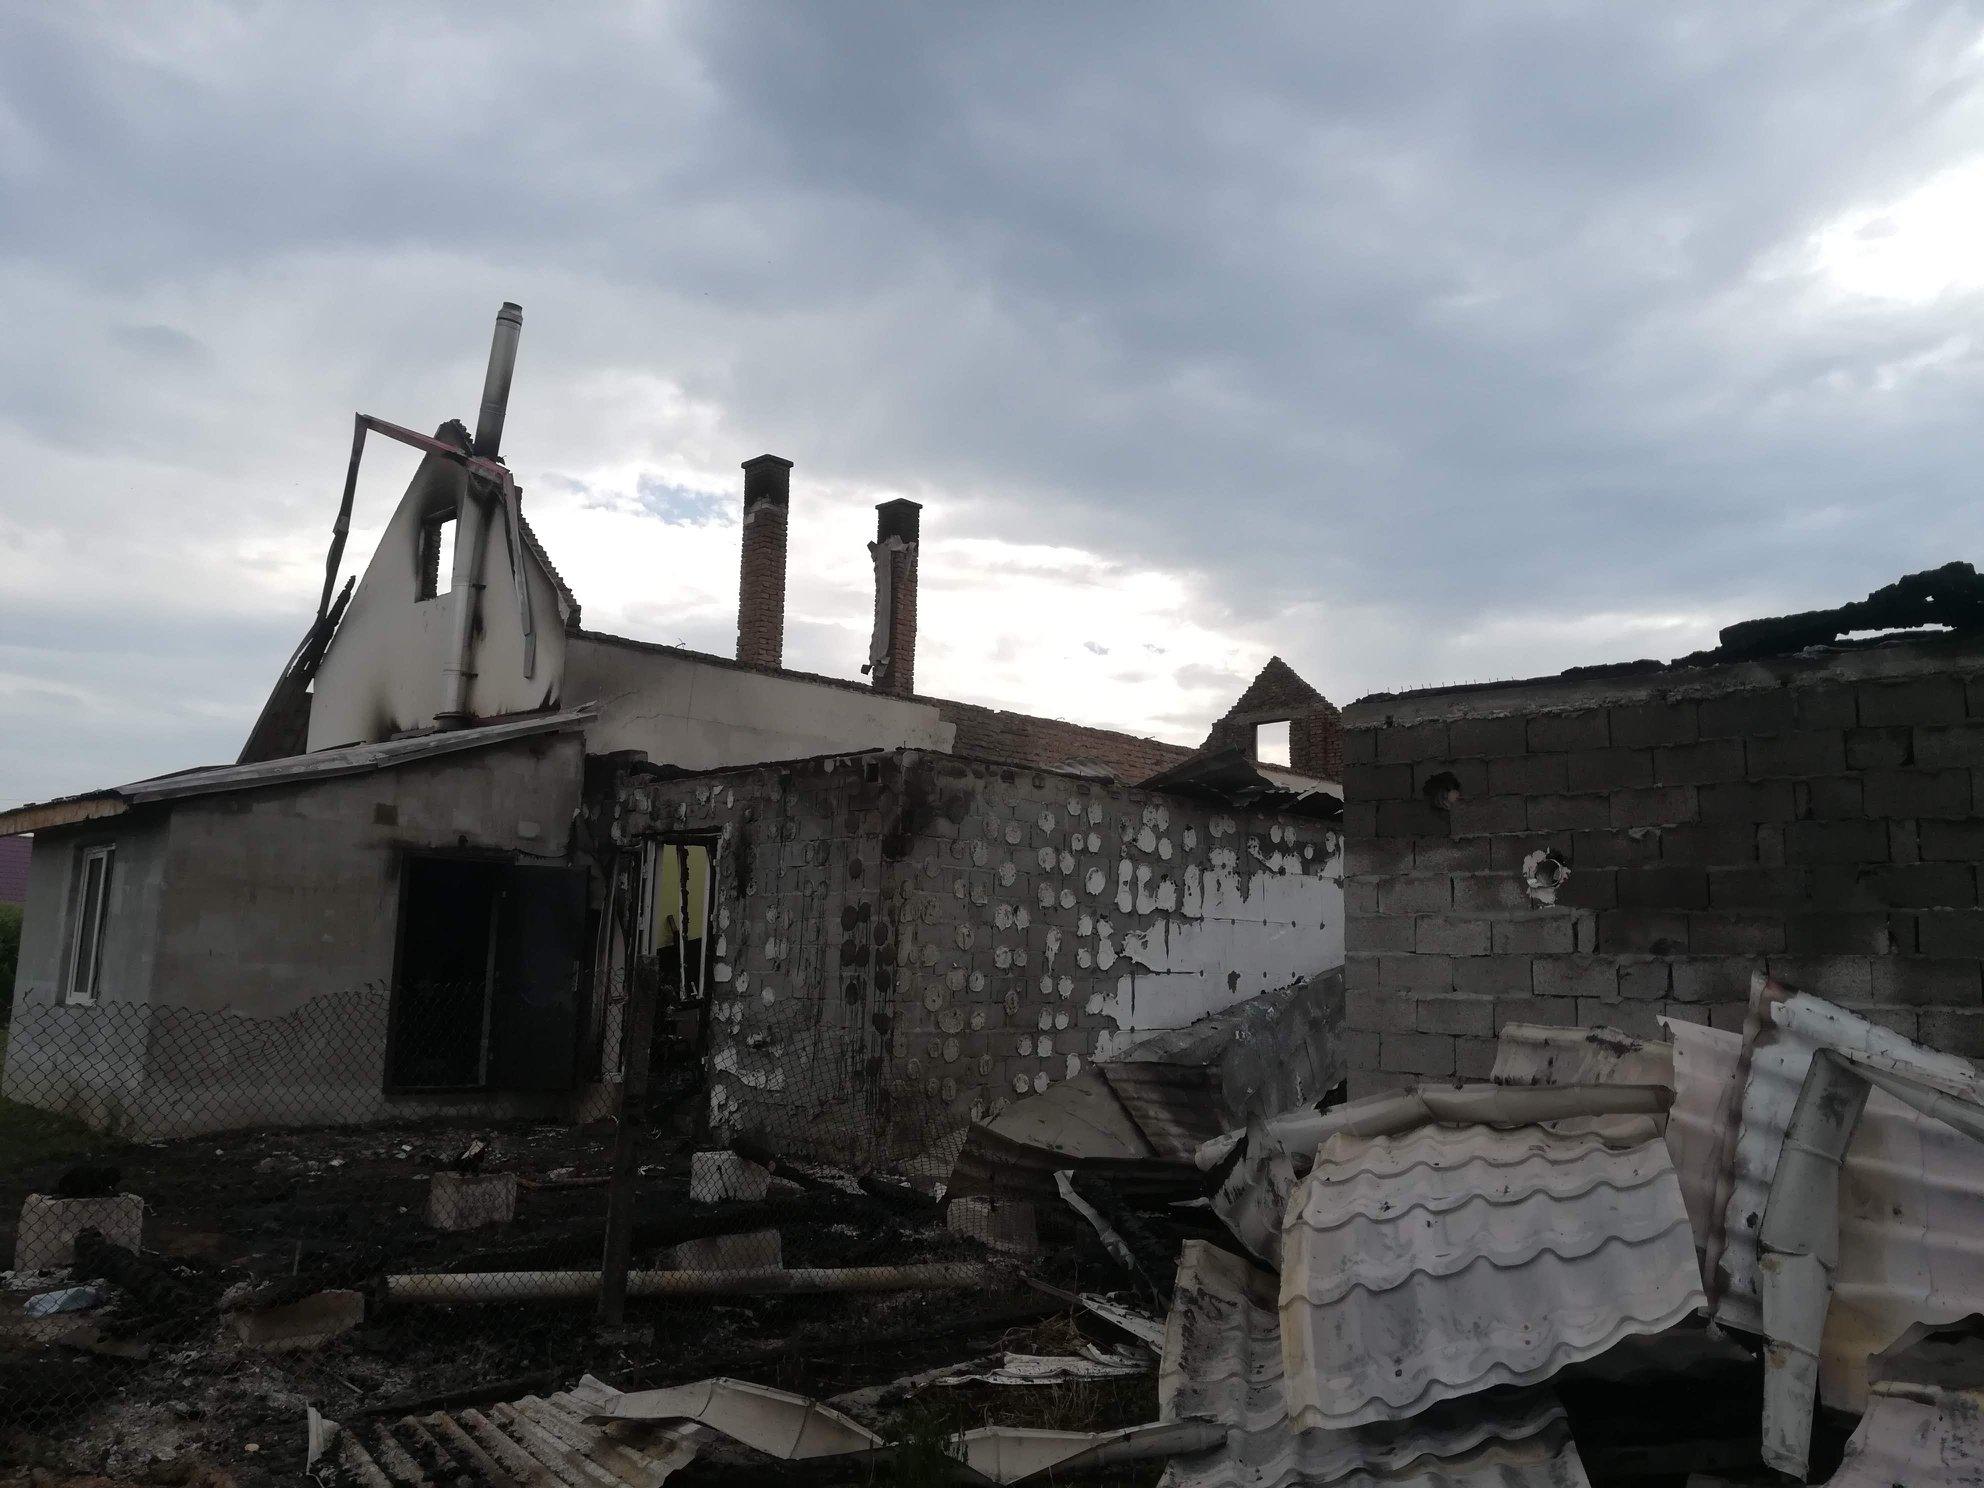 Felgyújthatták a romák imaházát és óvodáját a kárpátaljai Nagydobronyban